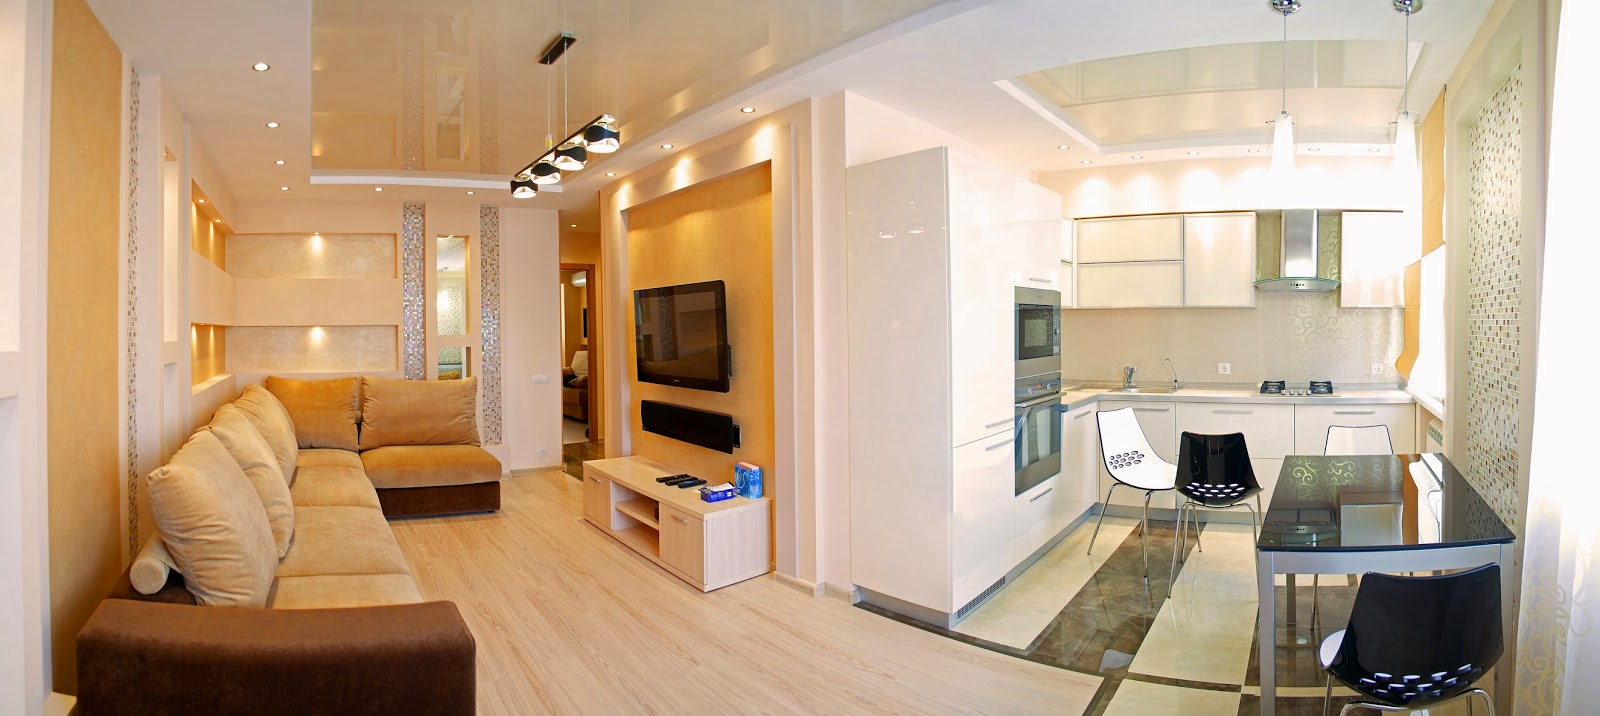 Каталог типовых проектных решений перепланировки квартир